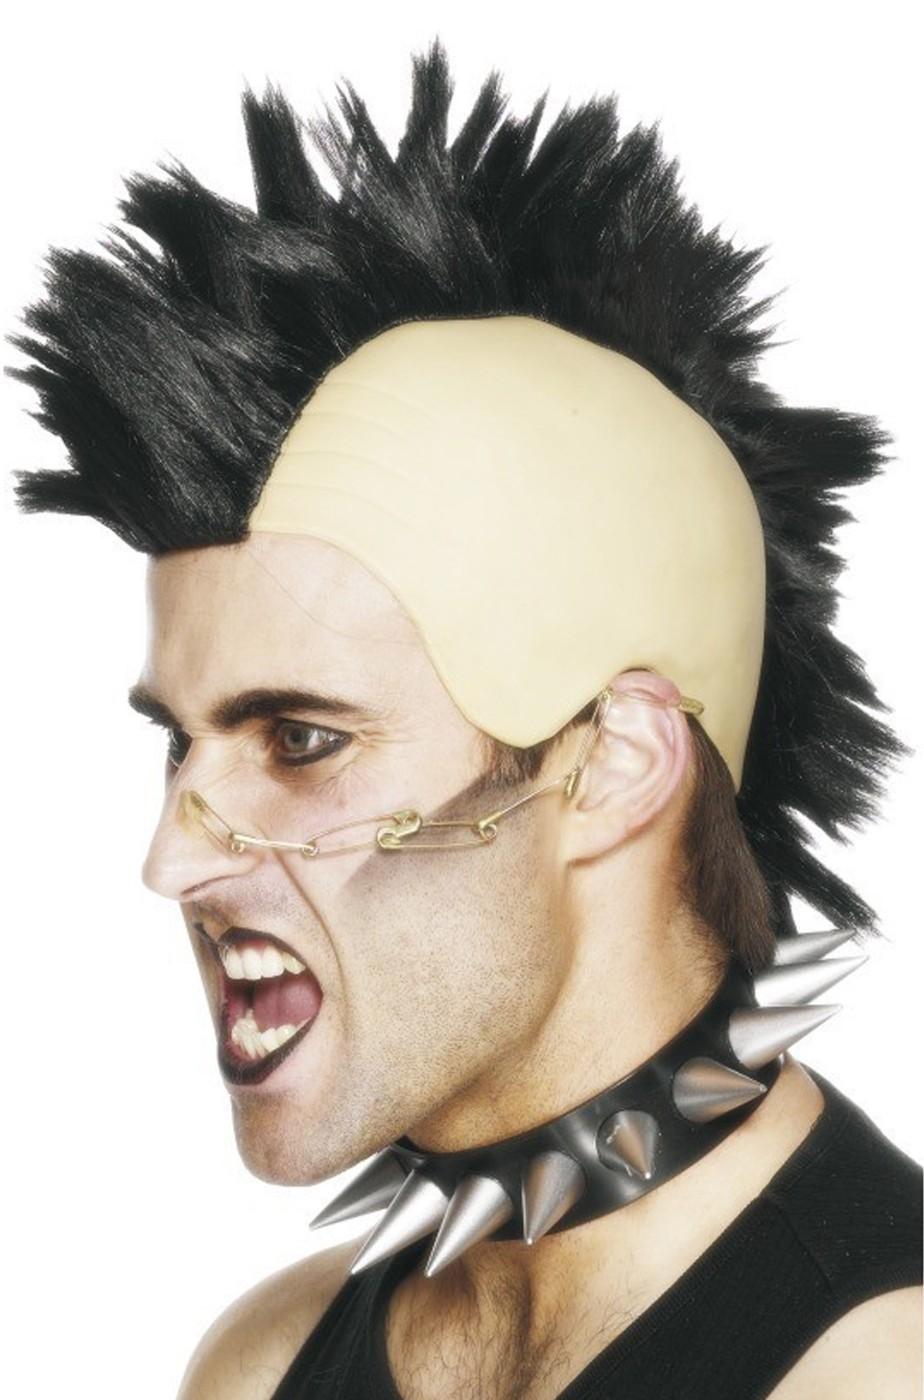 Parrucca unisex Nera con cresta Punk